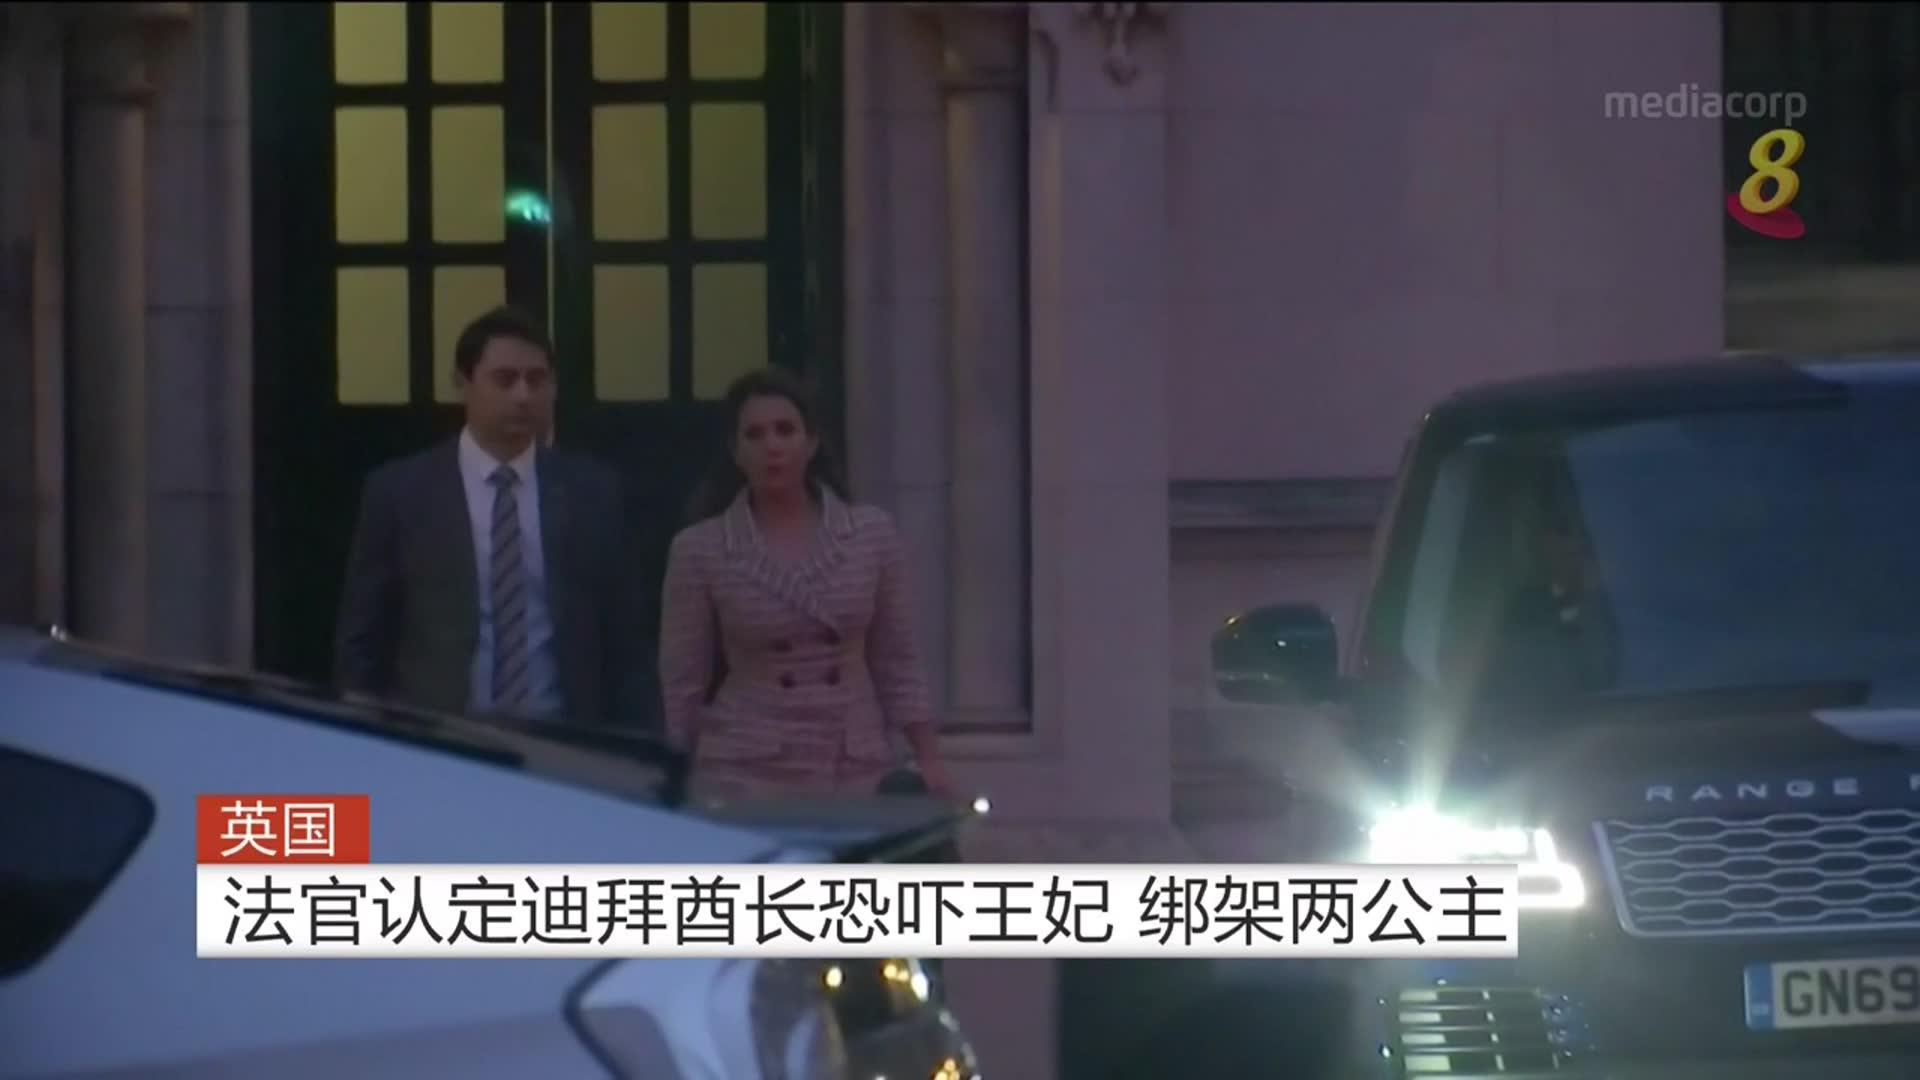 英国法官认定迪拜酋长恐吓王妃 绑架两公主